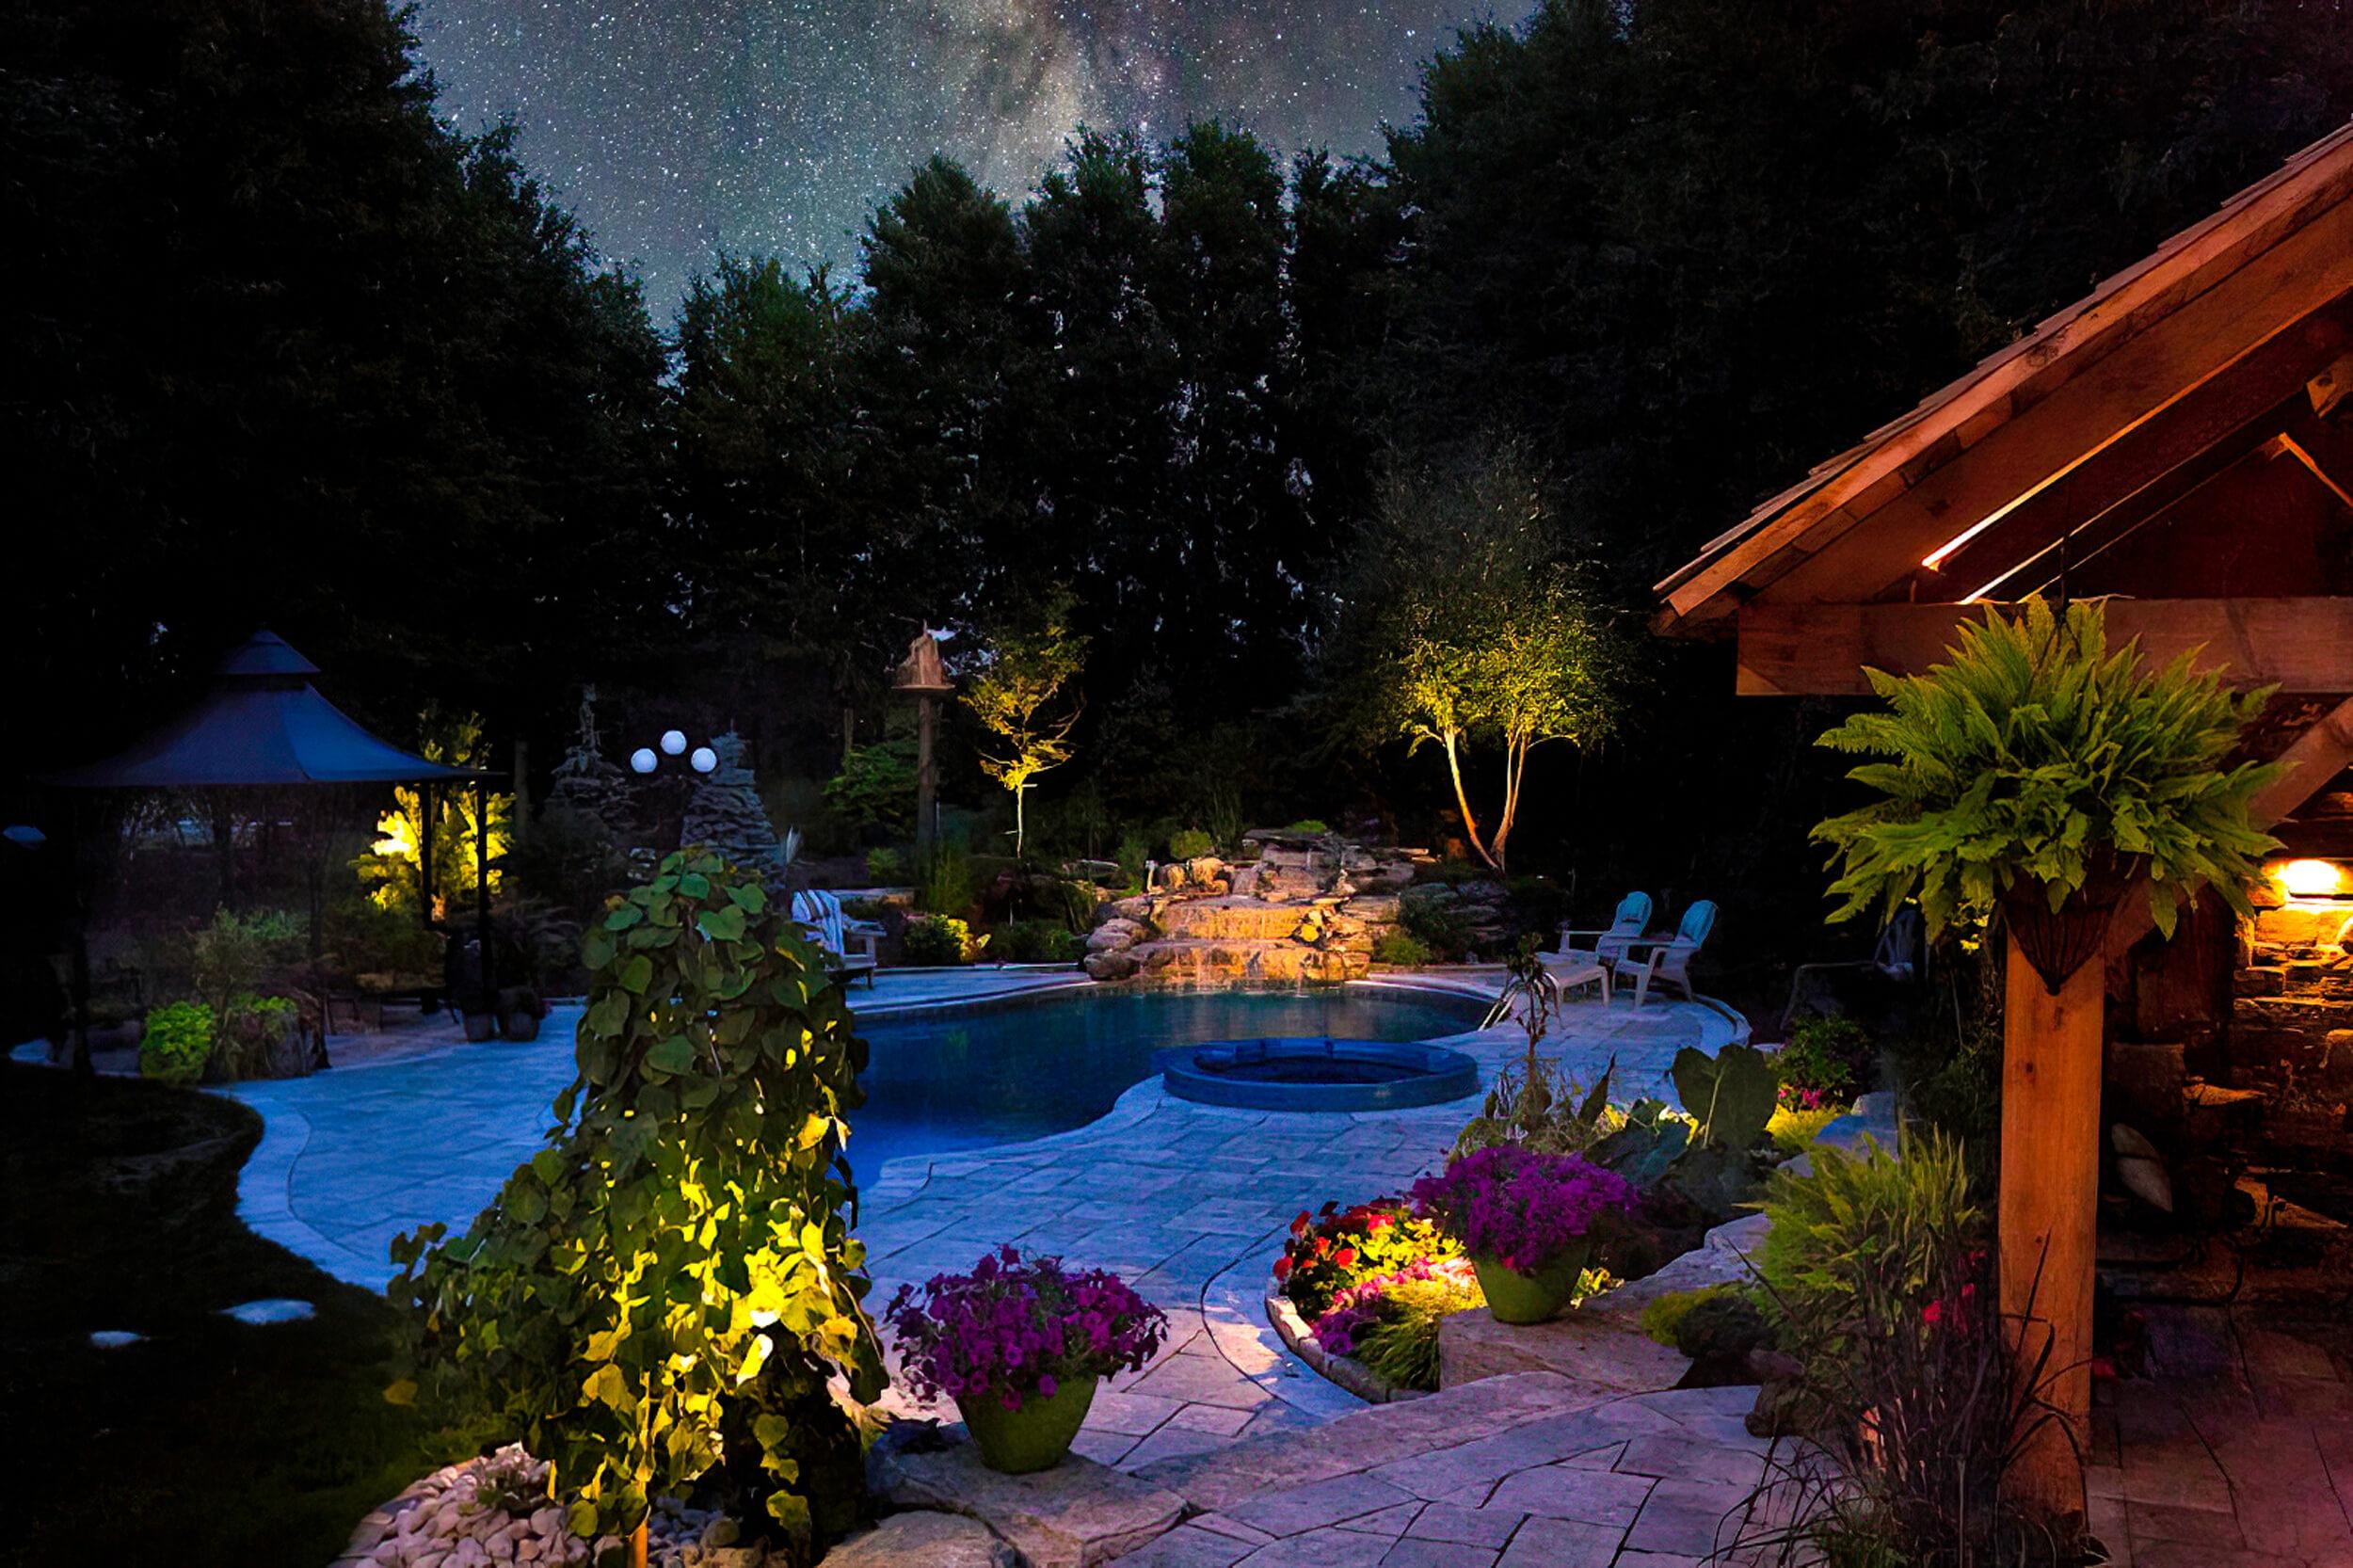 Fergus Ontario pool timber frame lighting